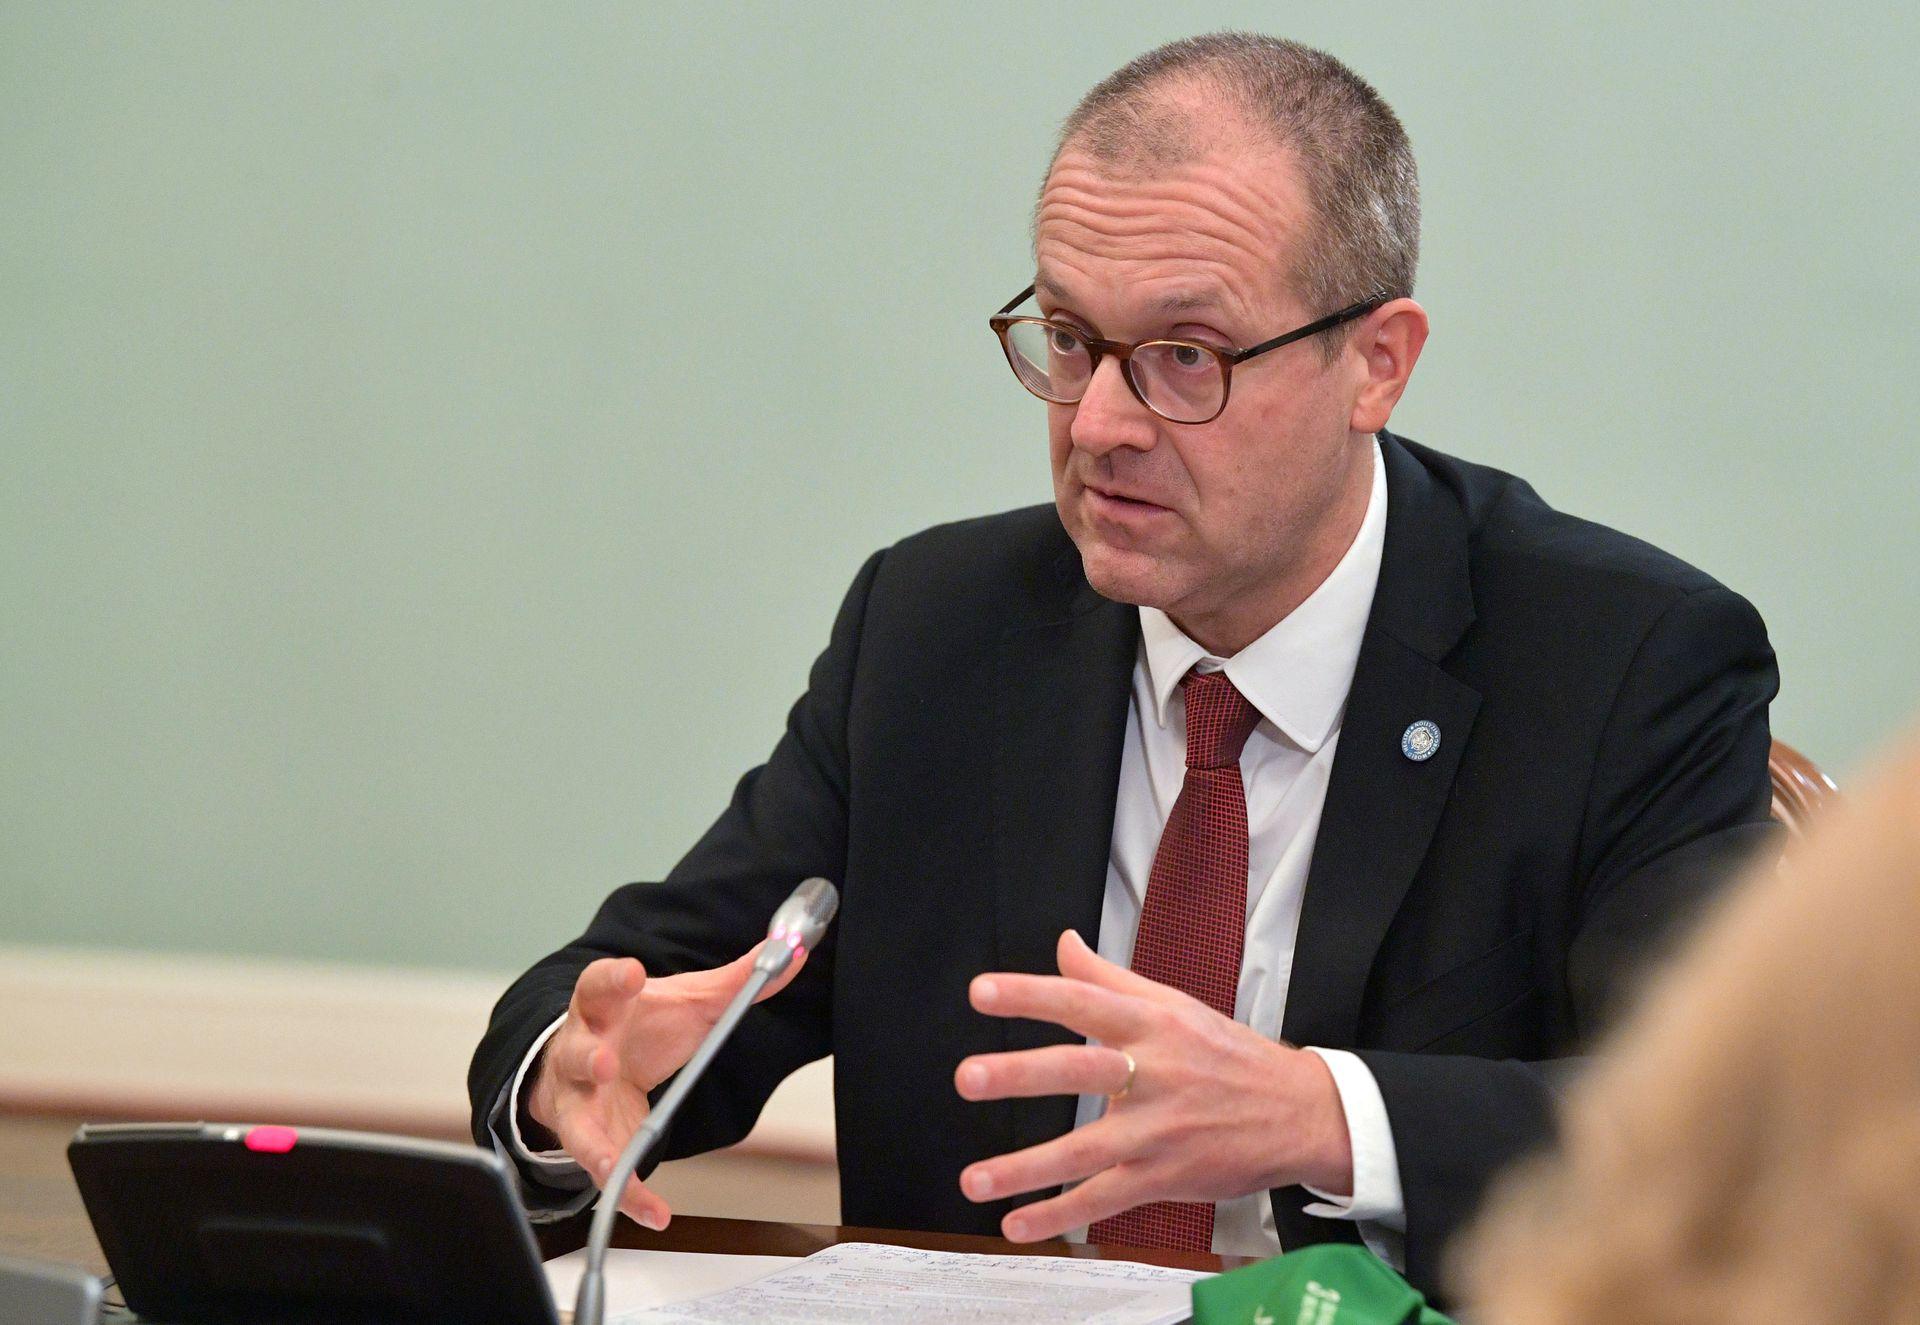 Giám đốc Tổ chức Y tế Thế giới (WHO) khu vực châu Âu Hans Kluge tại Moskva, Nga, hồi tháng 9/2020. Ảnh: Reuters.